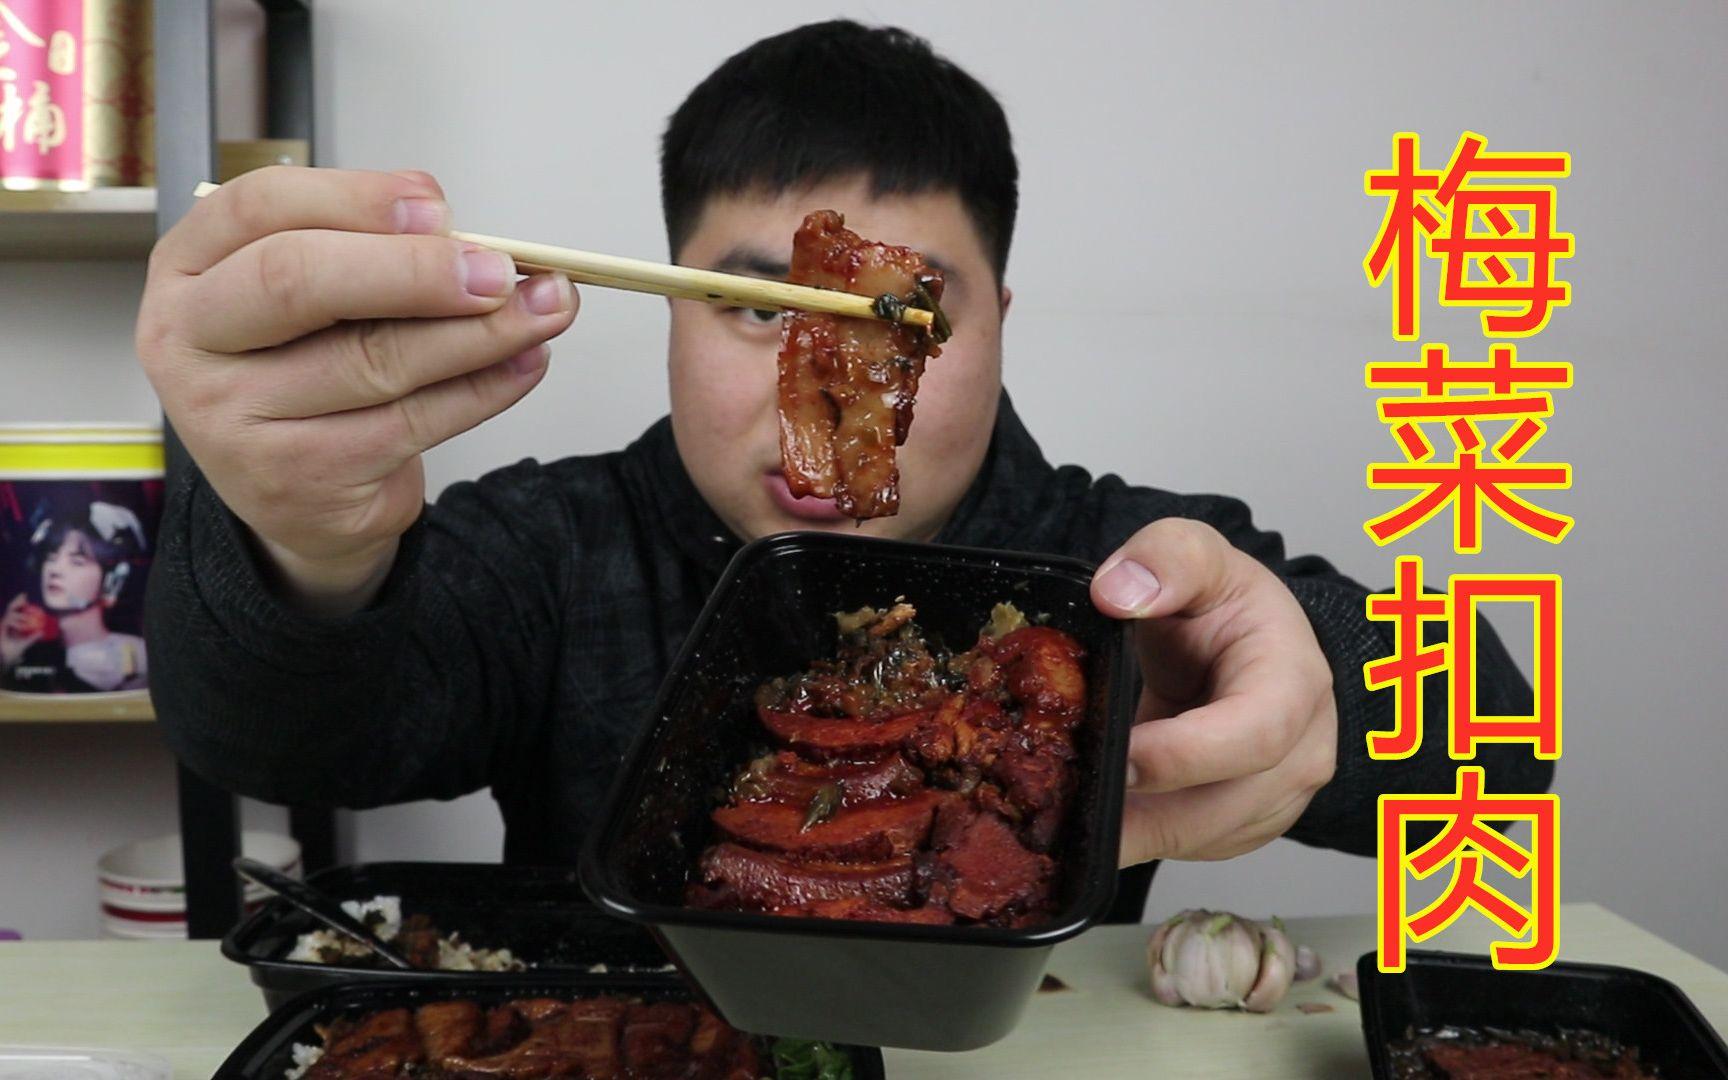 梅菜扣肉吃到饱, 体验一下干饭人的感觉